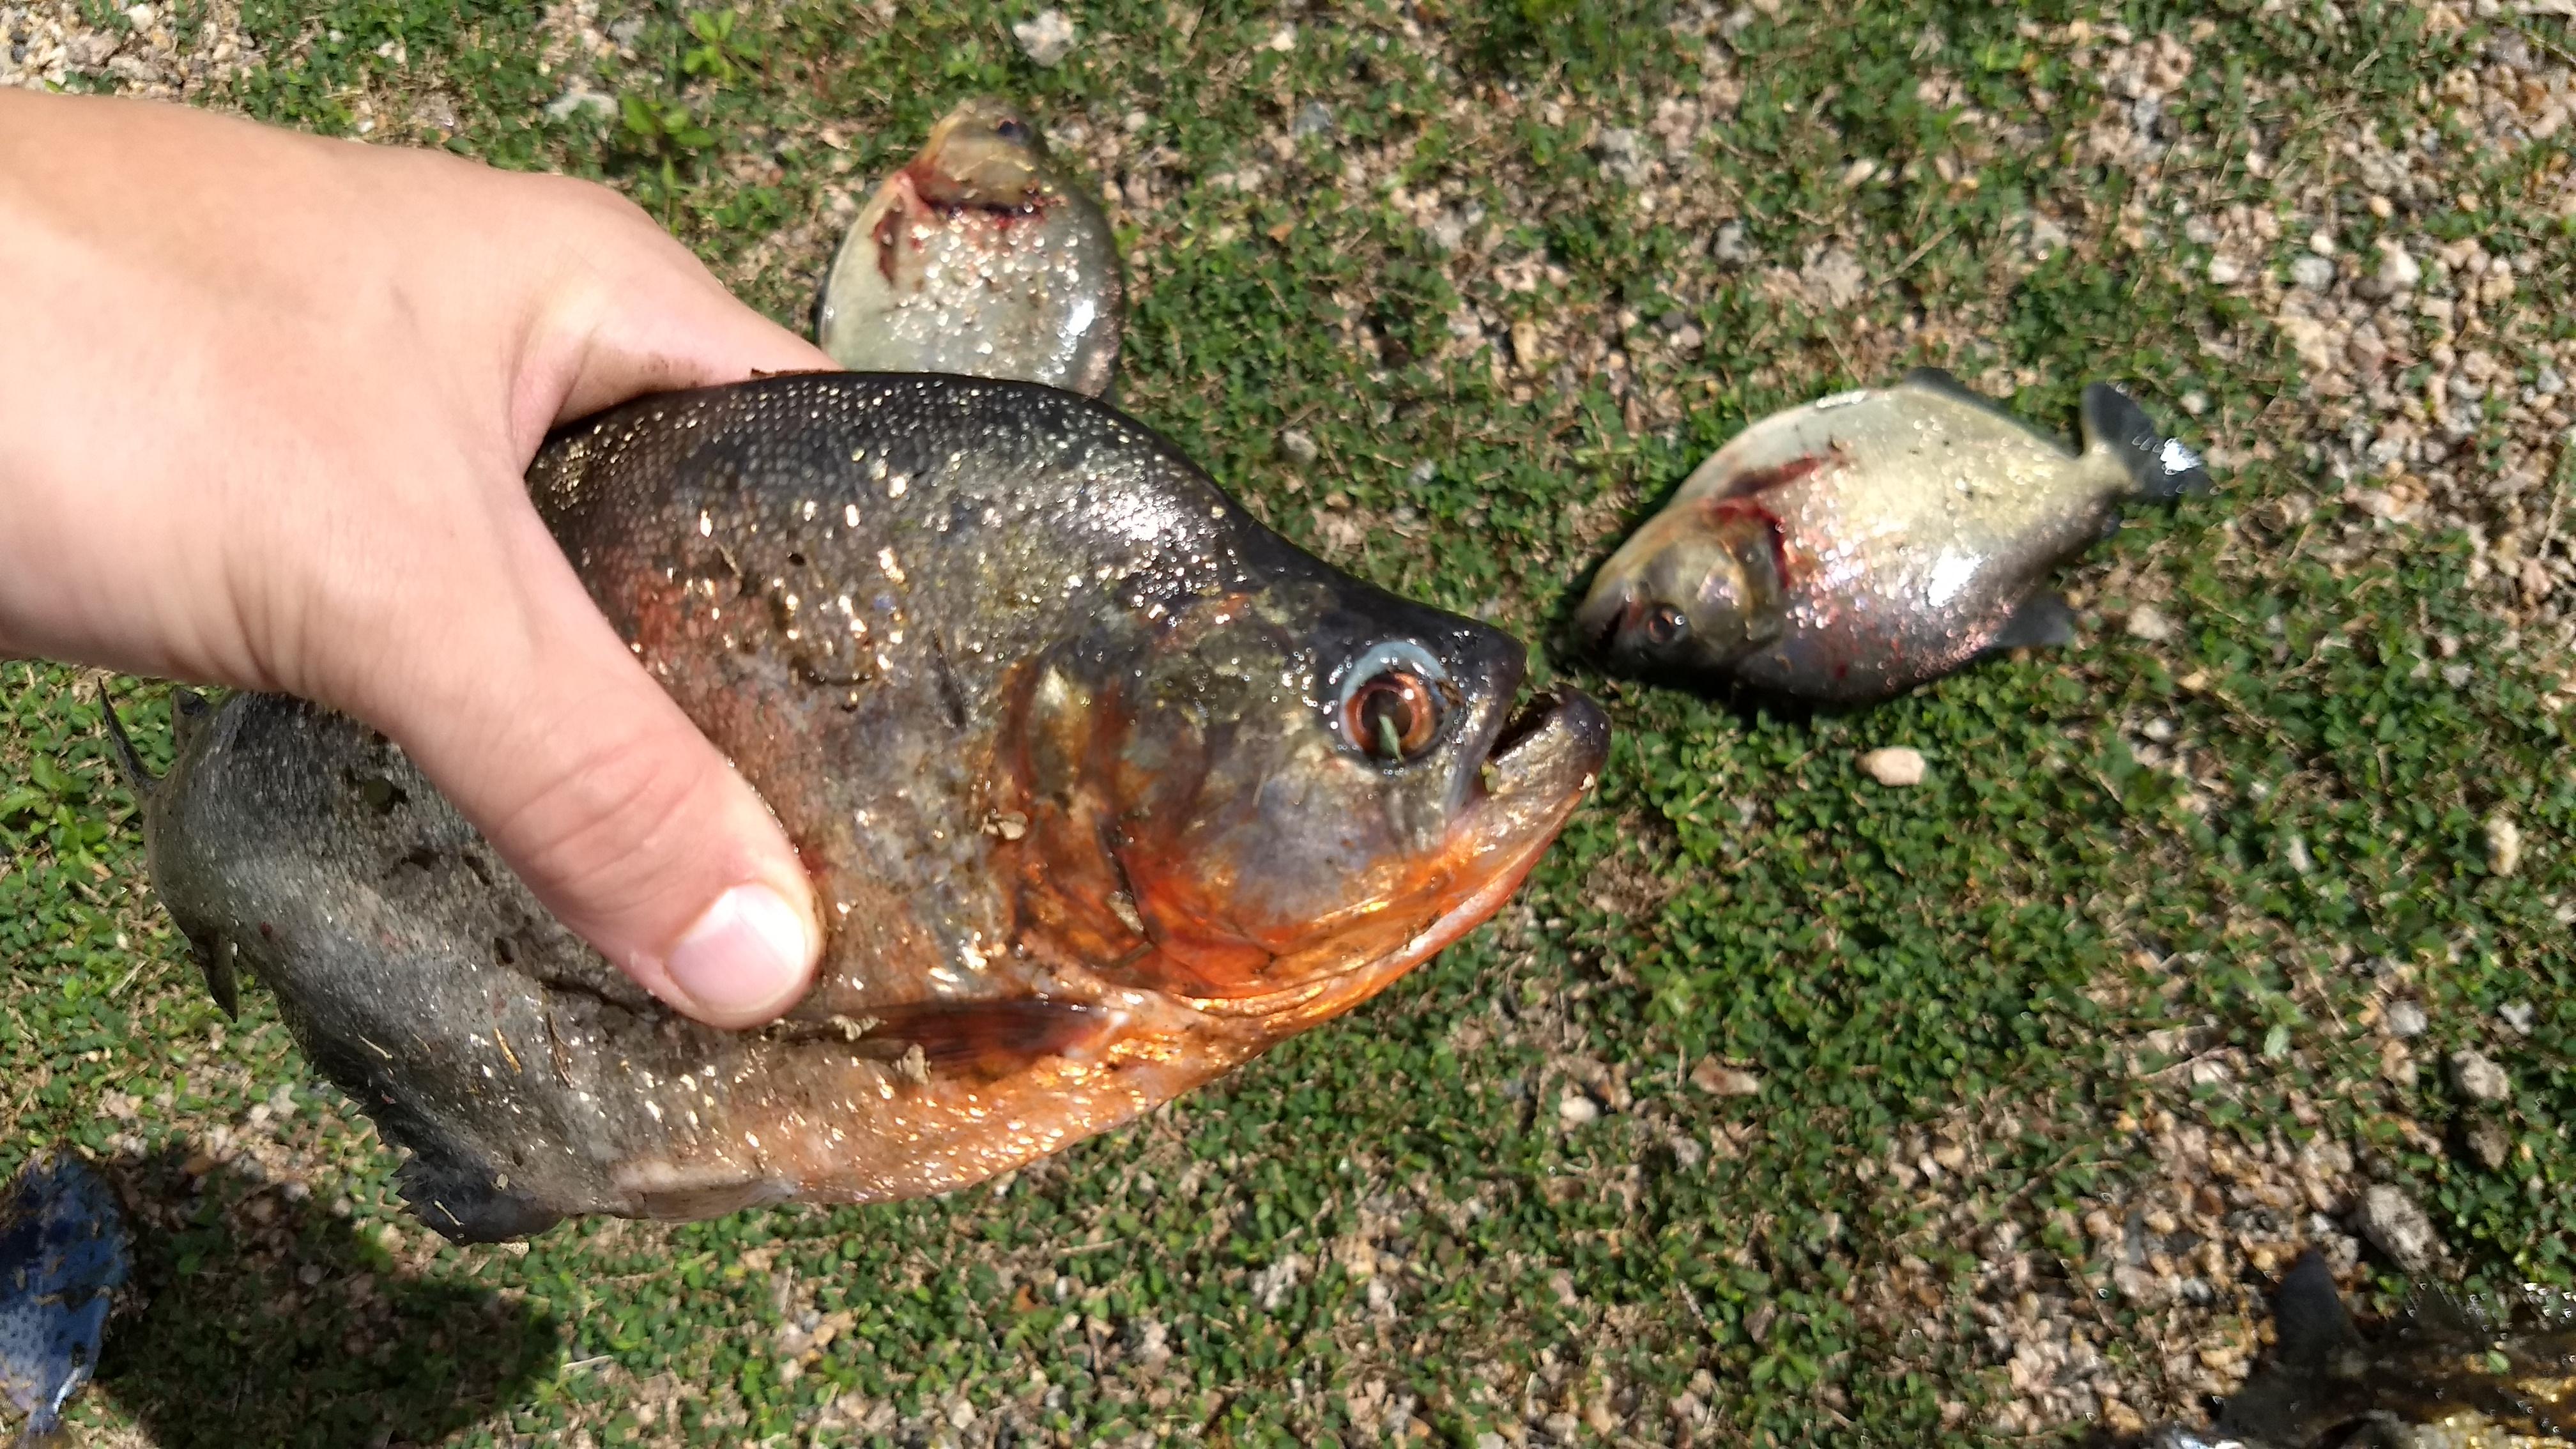 Aumento de Piranhas no açude Arneiroz II desafia gestão dos Recursos Hídricos